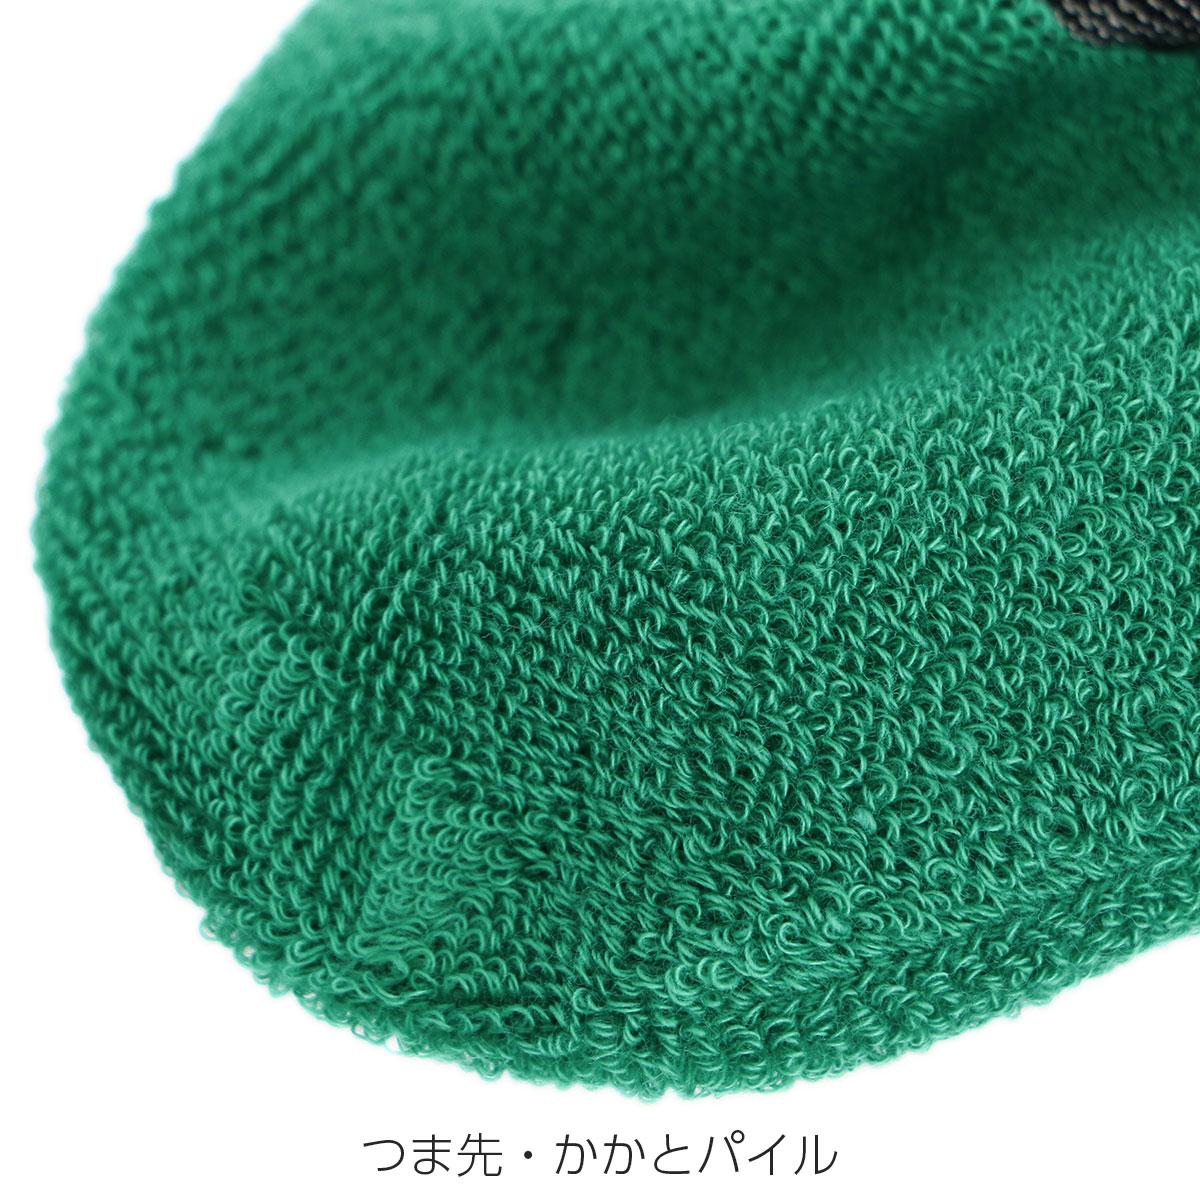 EMPORIO ARMANI エンポリオ アルマーニ 日本製 40周年ロゴ&イーグルBOSS ショート丈 メンズ カジュアル 靴下 男性 紳士 プレゼント ギフト 02322290【ゆうパケット・4点まで】